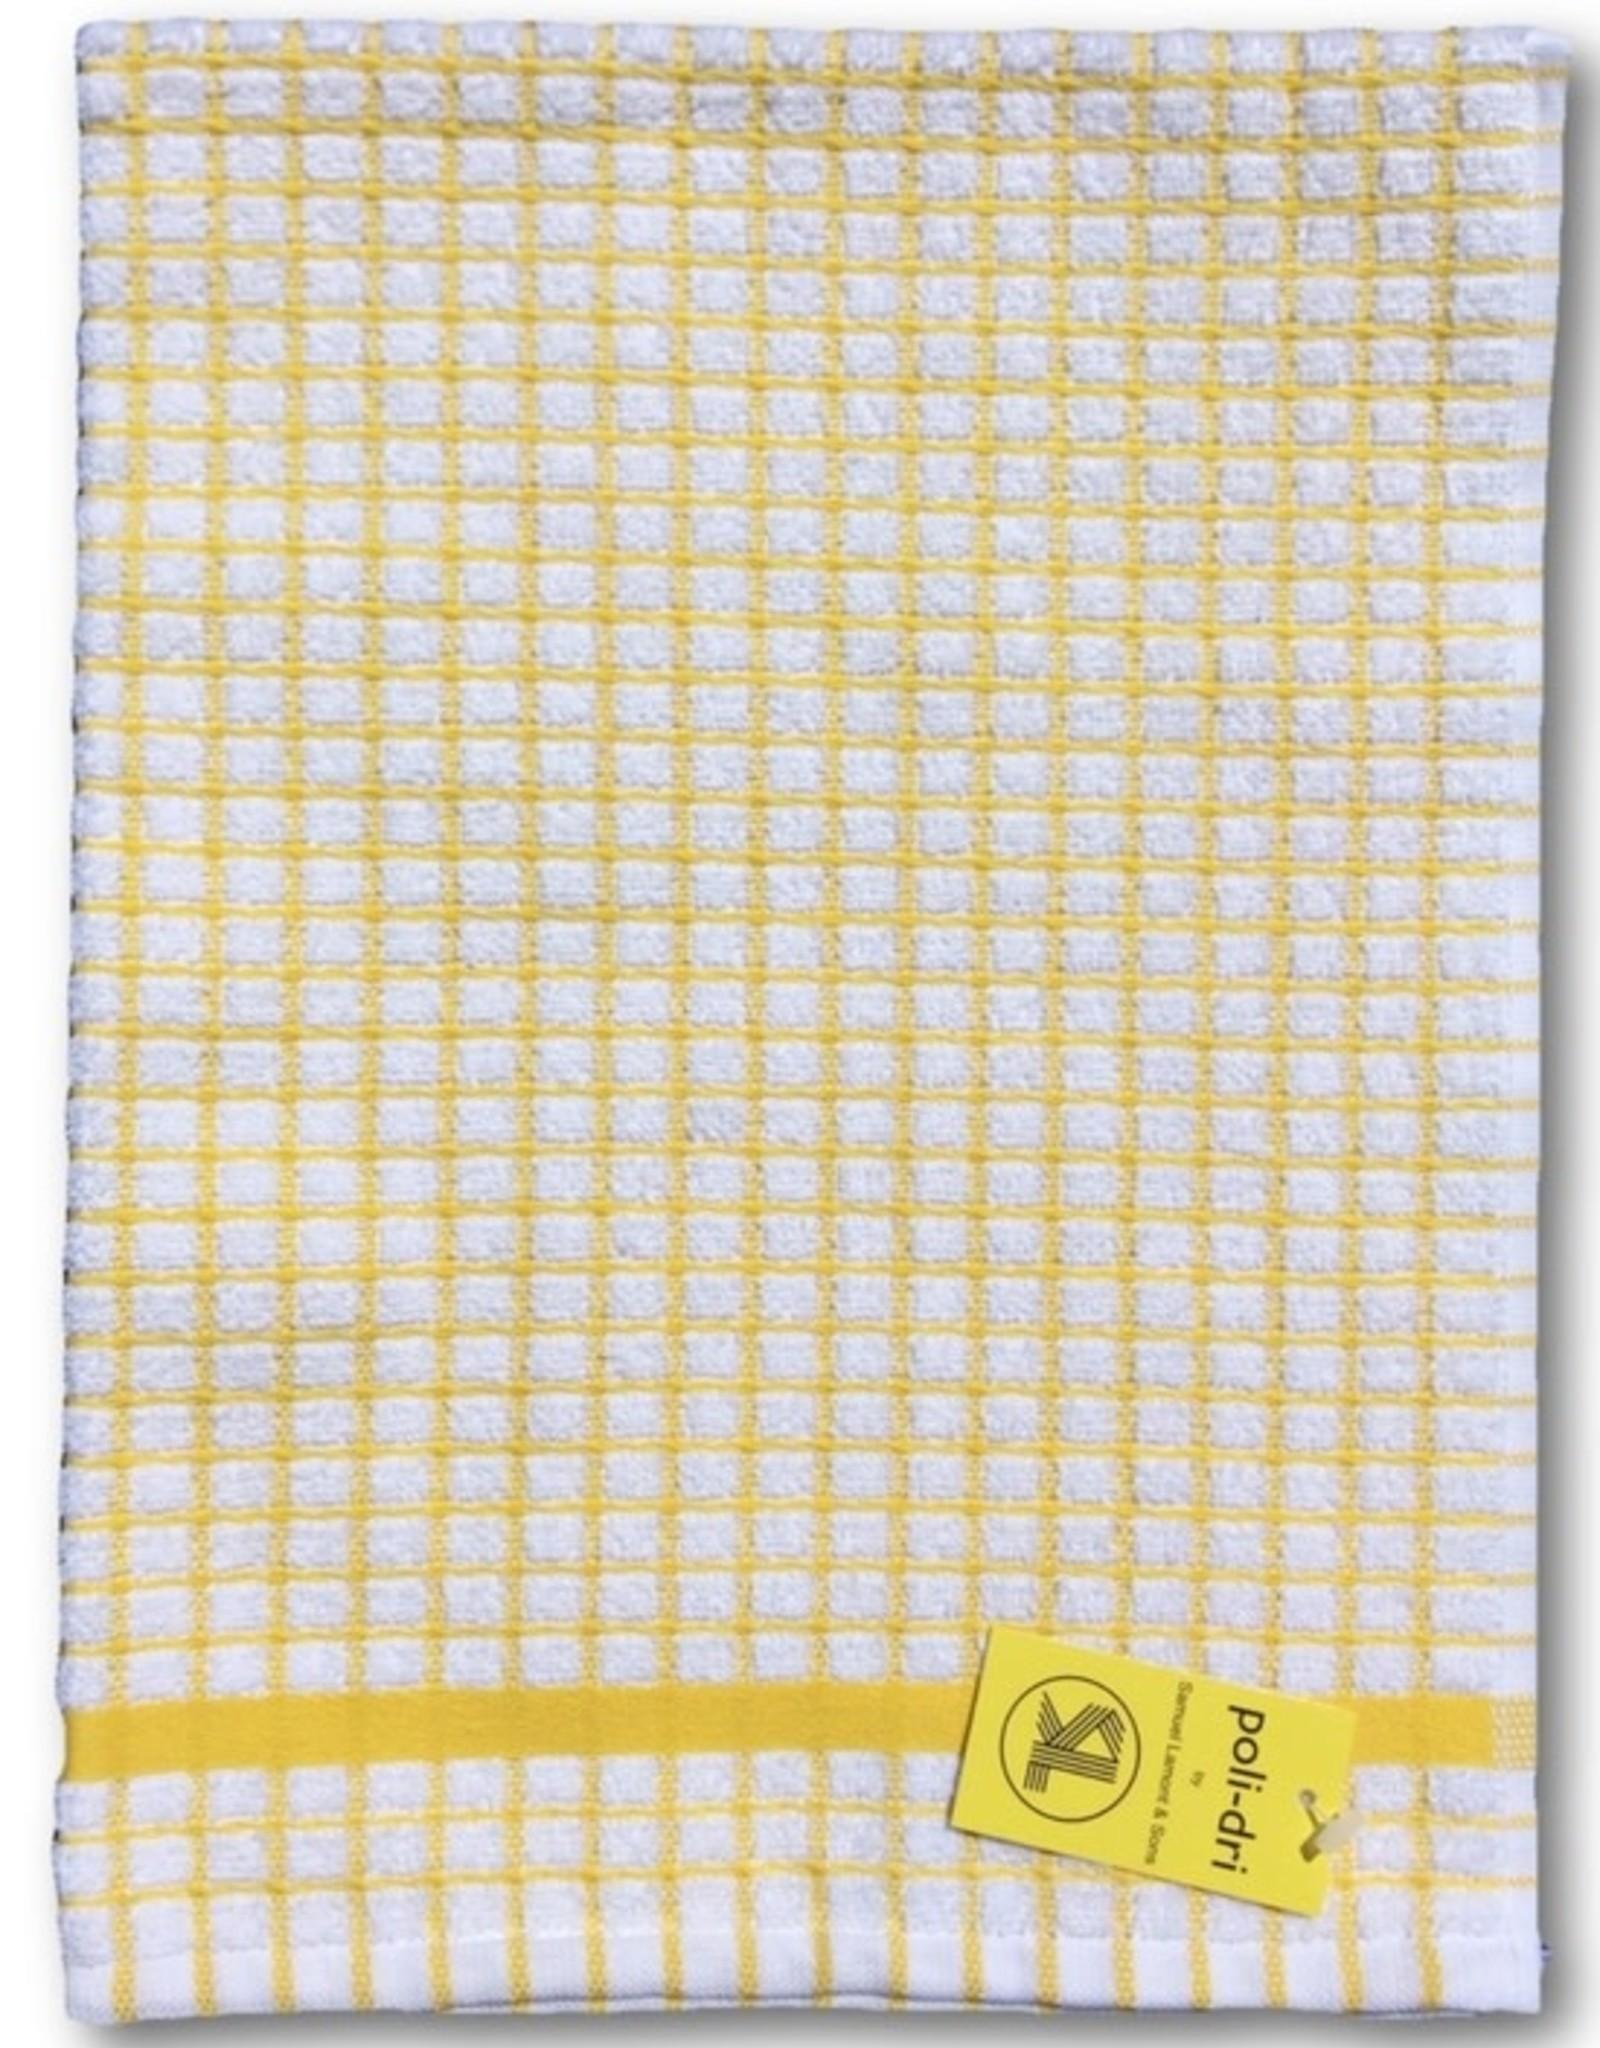 Poli-Dry Terry Kitchen Towel Yellow